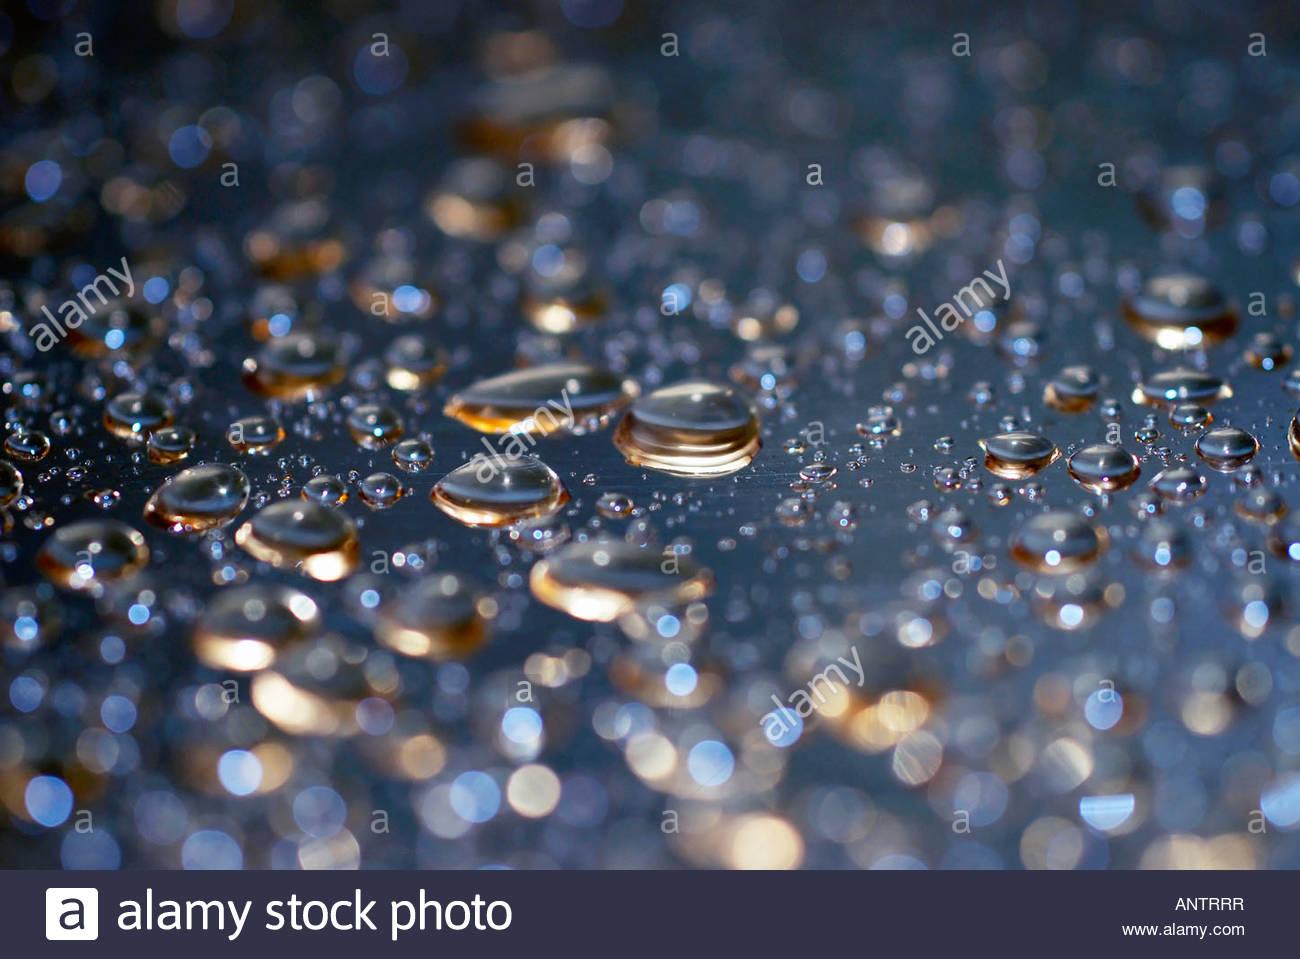 Les gouttelettes d'eau sur la surface de métal Photo Stock